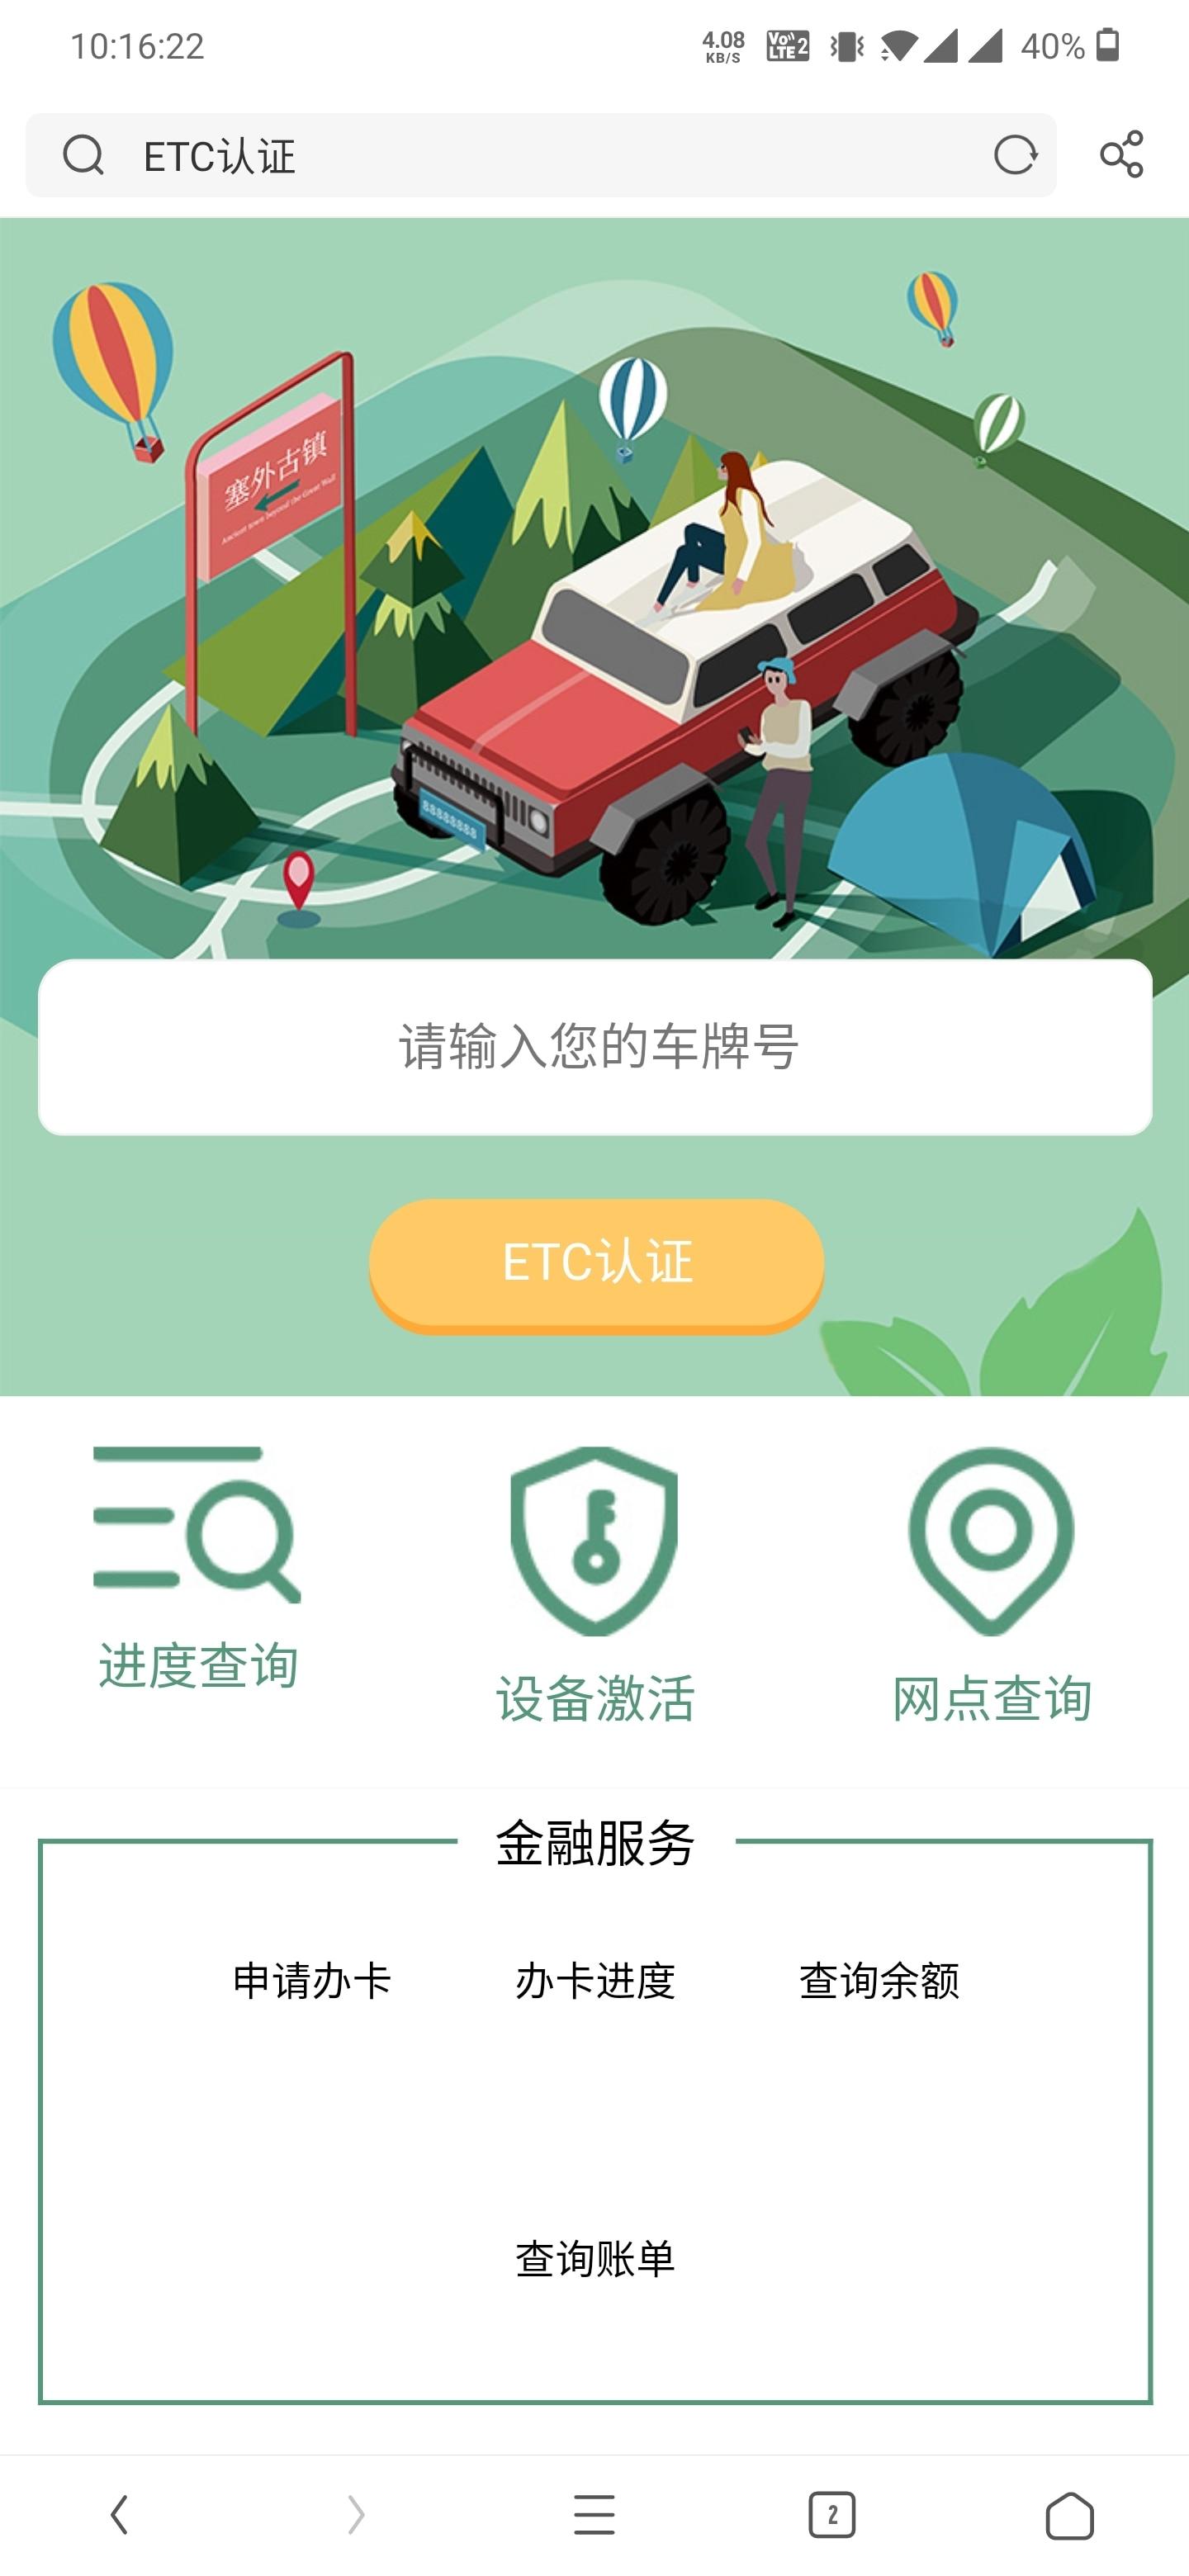 一元源码:汽车ETC认证服务平台系统